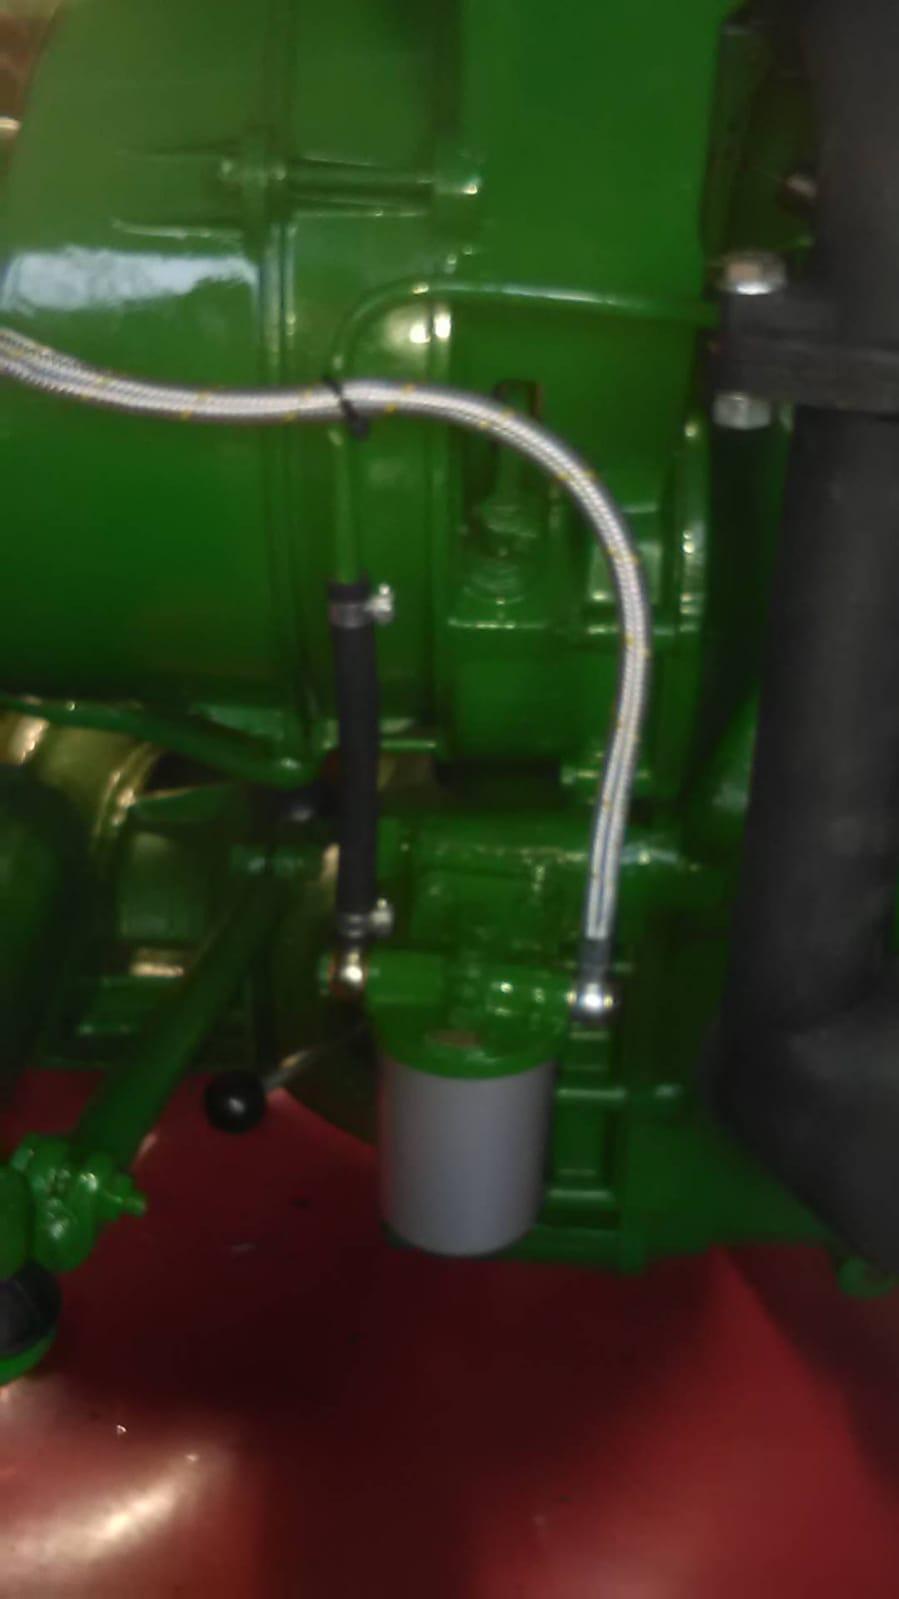 Der Tank wurde überhaupt nicht beachtet, Farbe drauf und fertig. Wie ich schon berichtet habe, im Tank alles rostet und dreckig, und die Aufnahme für den Dieselfilter war nicht mehr vorhanden, deshalb habe ich einen Dieselfilter extern montiert.